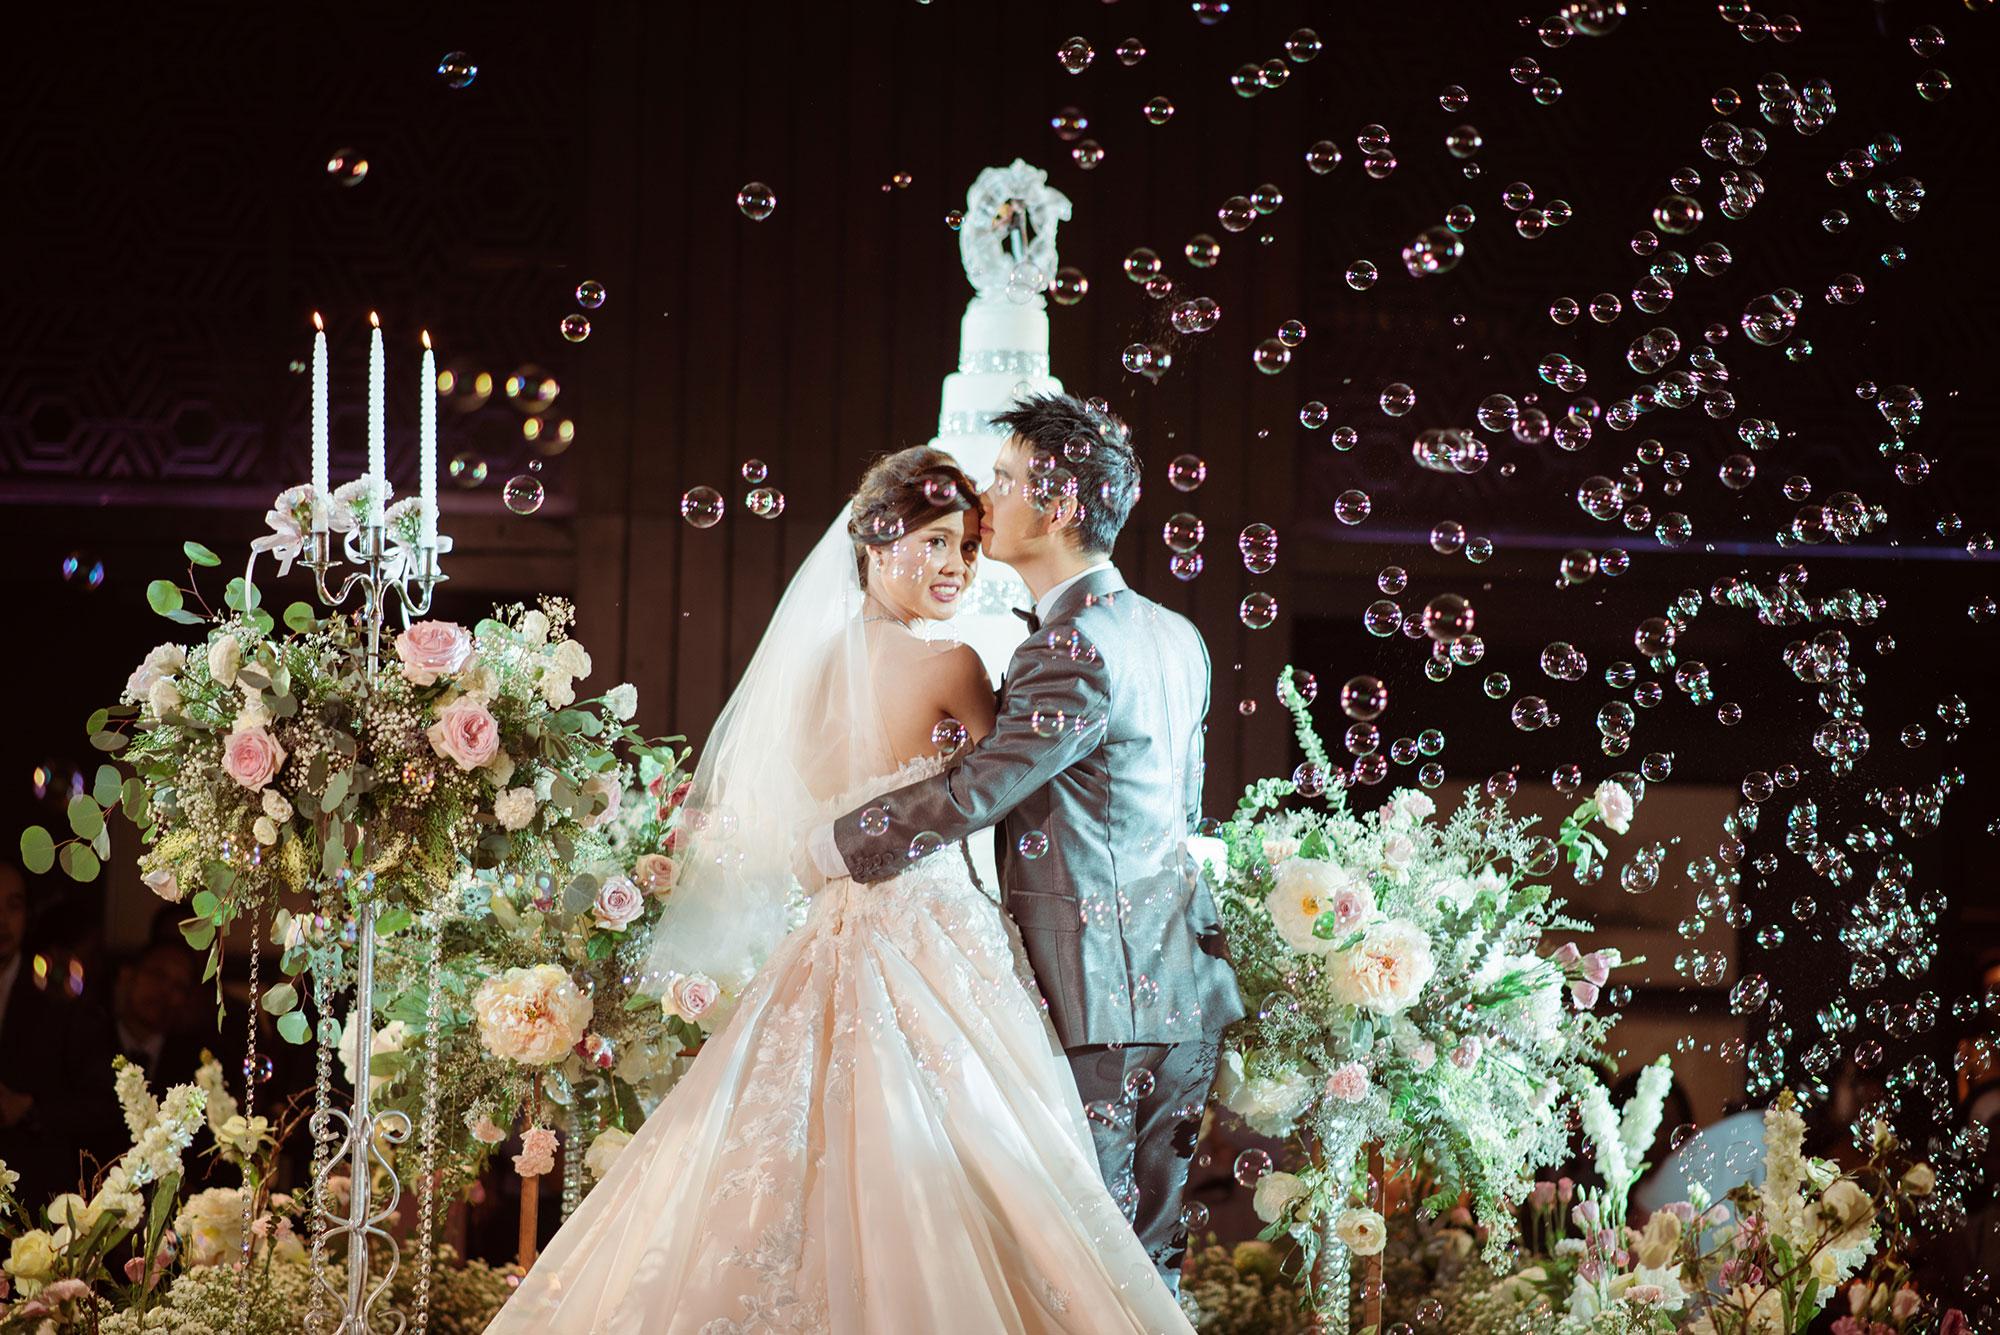 แพค เก จ ถ่ายรูป แต่งงาน